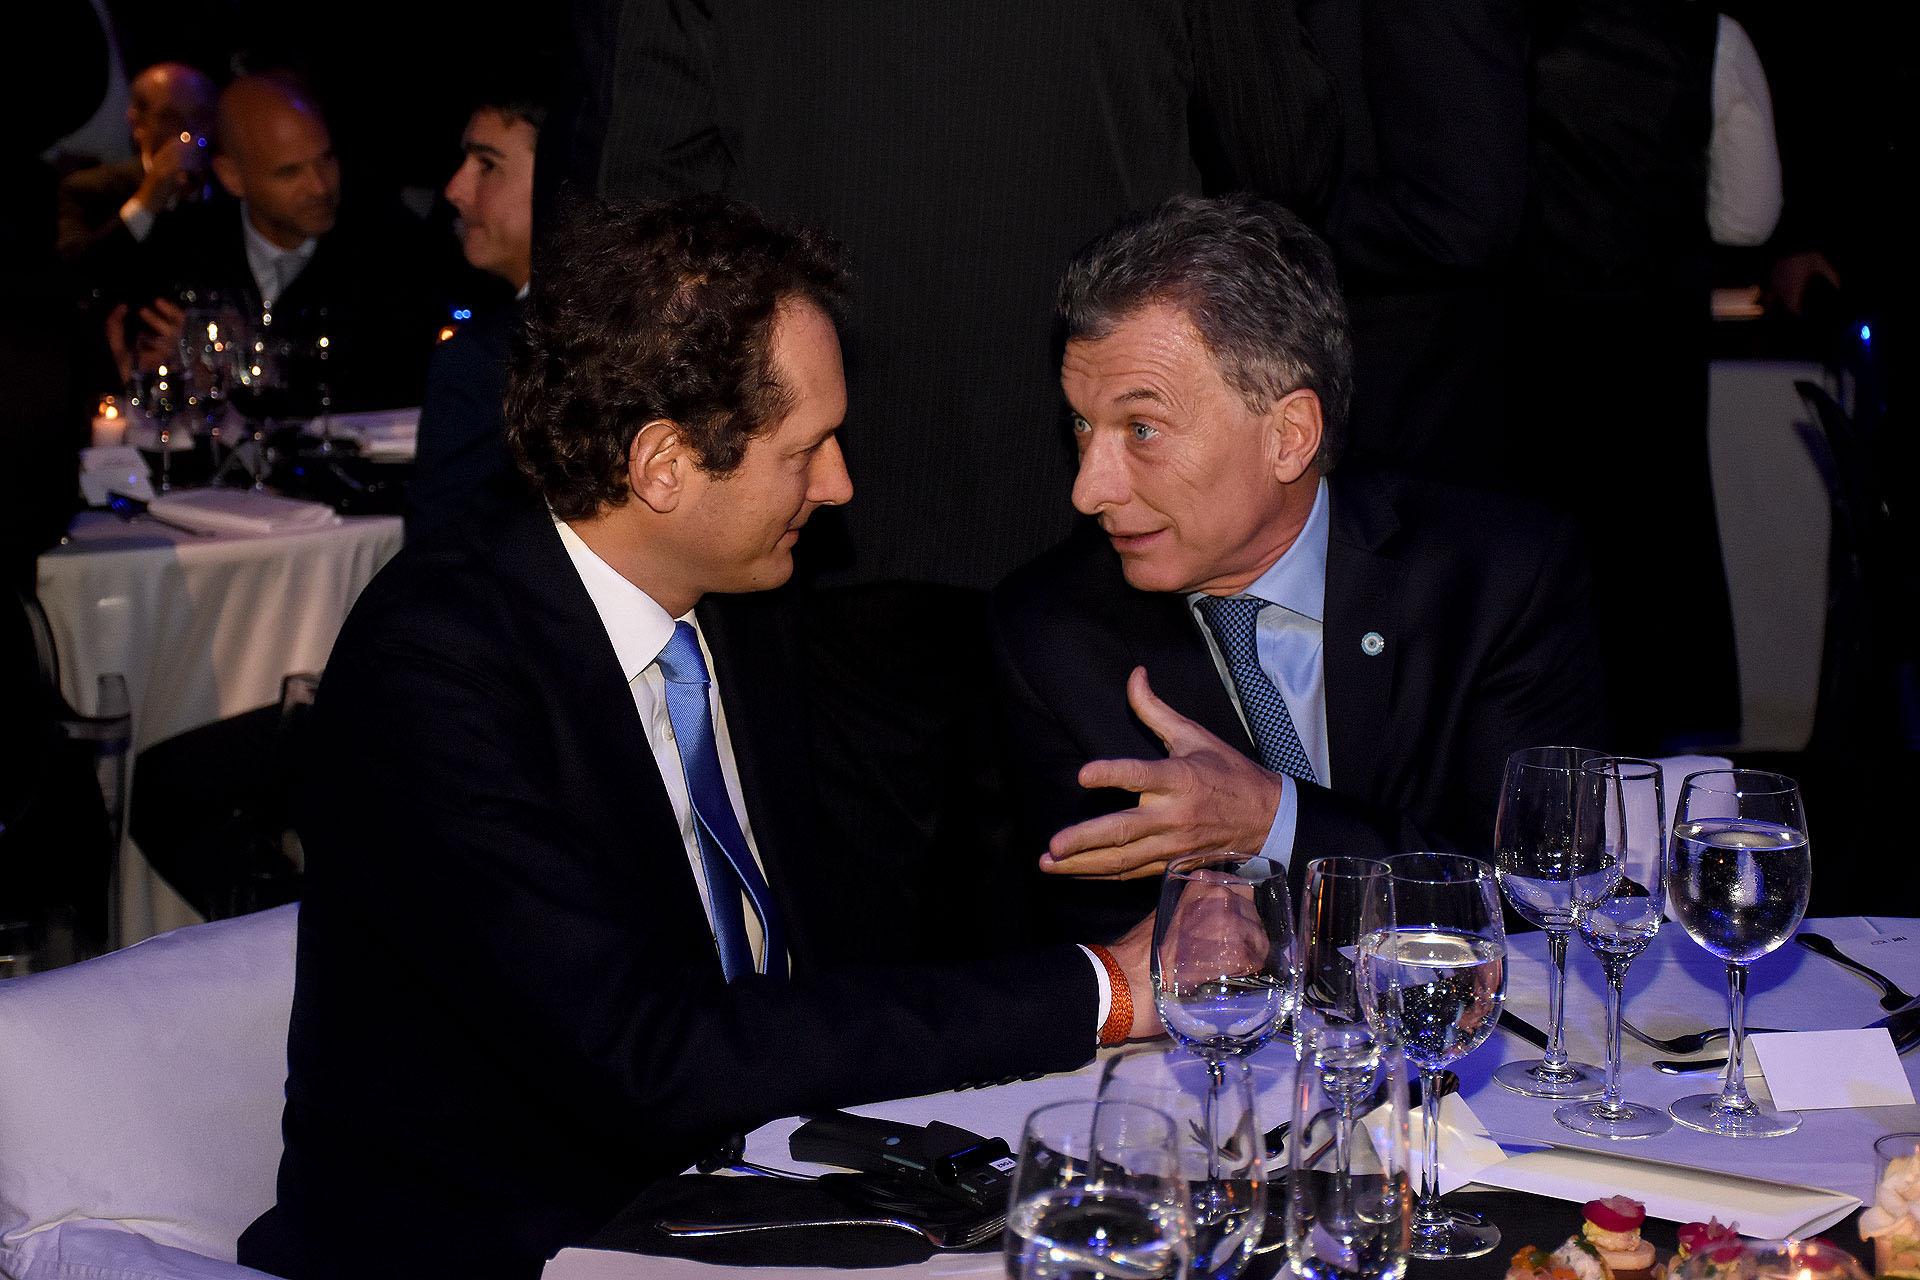 """John Elkann (foto) reafirmó el compromiso de FCA para """"continuar escribiendo la historia futura junto a la Argentina"""". """"Gracias a su gente y su potencial, este país tiene todas las cartas para superar los problemas de la situación actual. El vínculo que sentimos con la Argentina es, sin duda, especial. Vivimos juntos retos y éxitos; períodos florecientes, difíciles y de cambios. El legado que presenciamos hoy no se trata solo de inversiones, capacitación de nuestros colaboradores o de la contribución que hemos hecho al desarrollo industrial y tecnológico del país. También es, sobre todo, una historia humana, de decenas de miles de argentinos, muchos de ellos descendientes de italianos, que compartieron sueños y desafíos, y es gracias a ellos que se construyó la gran familia de Fiat en la Argentina"""", expresó"""